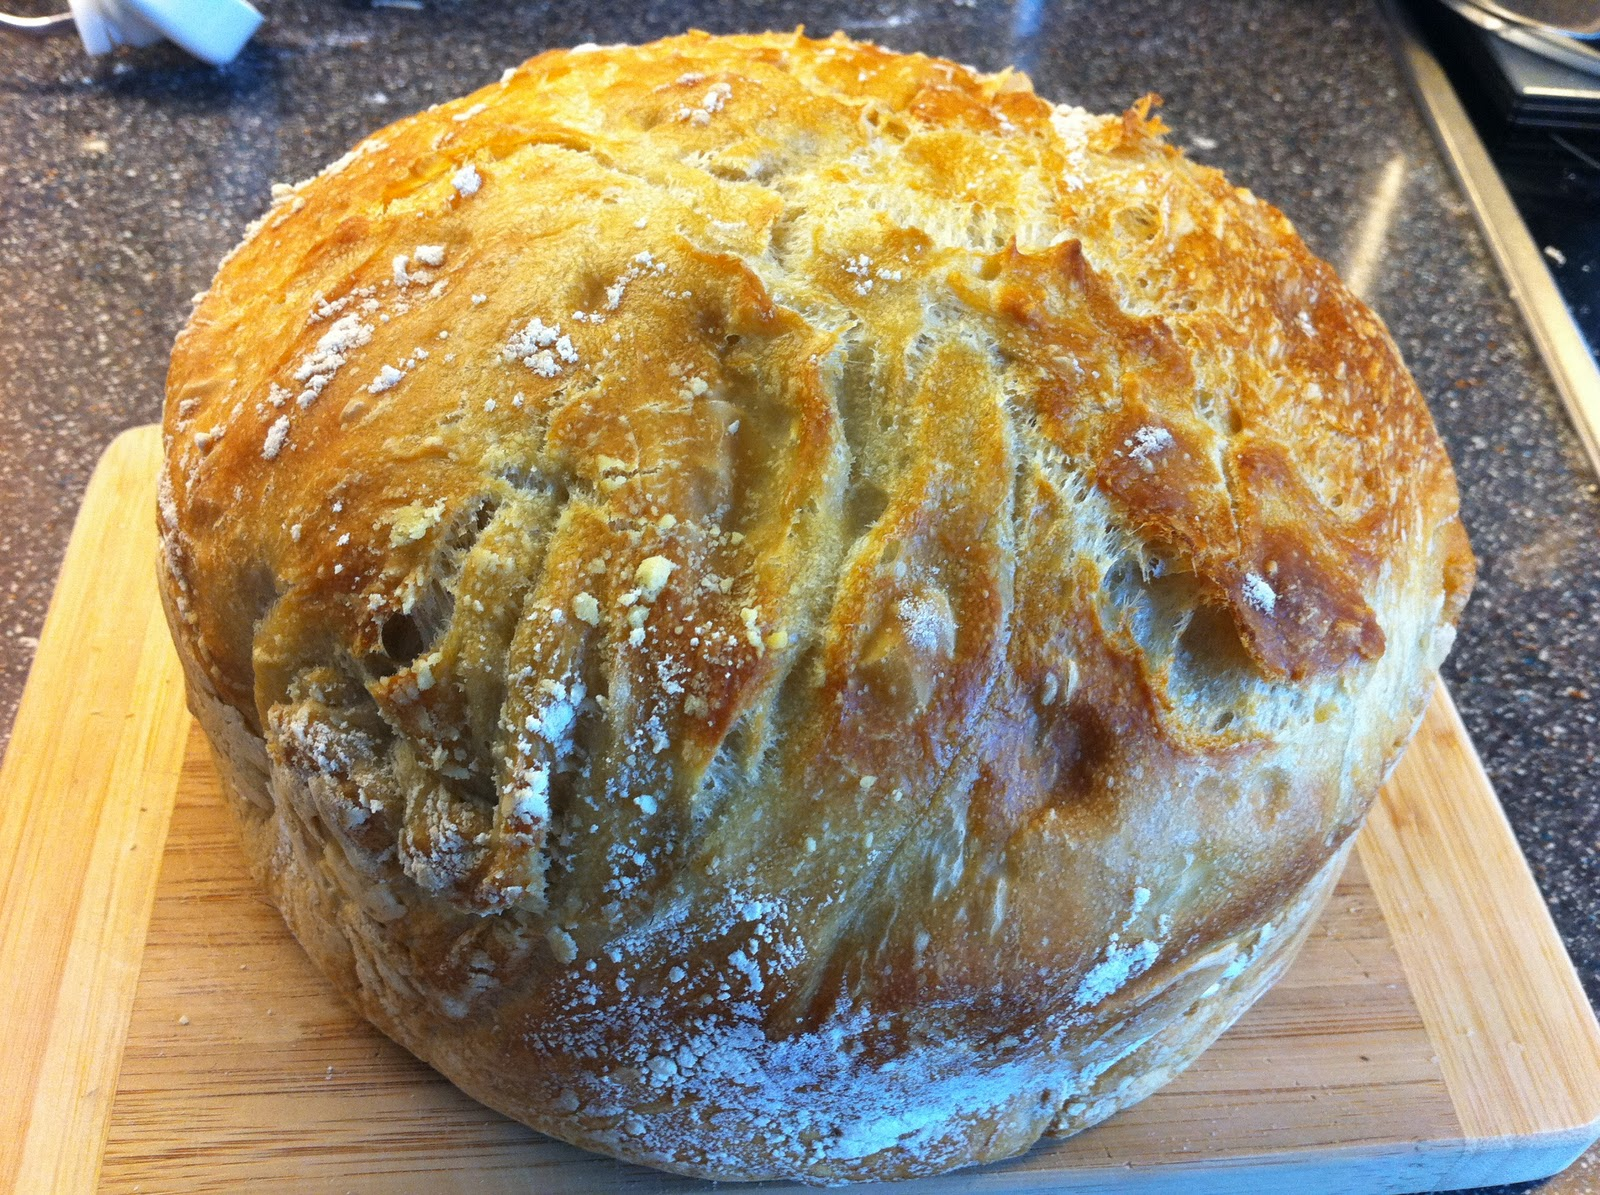 brød bagt i gryde